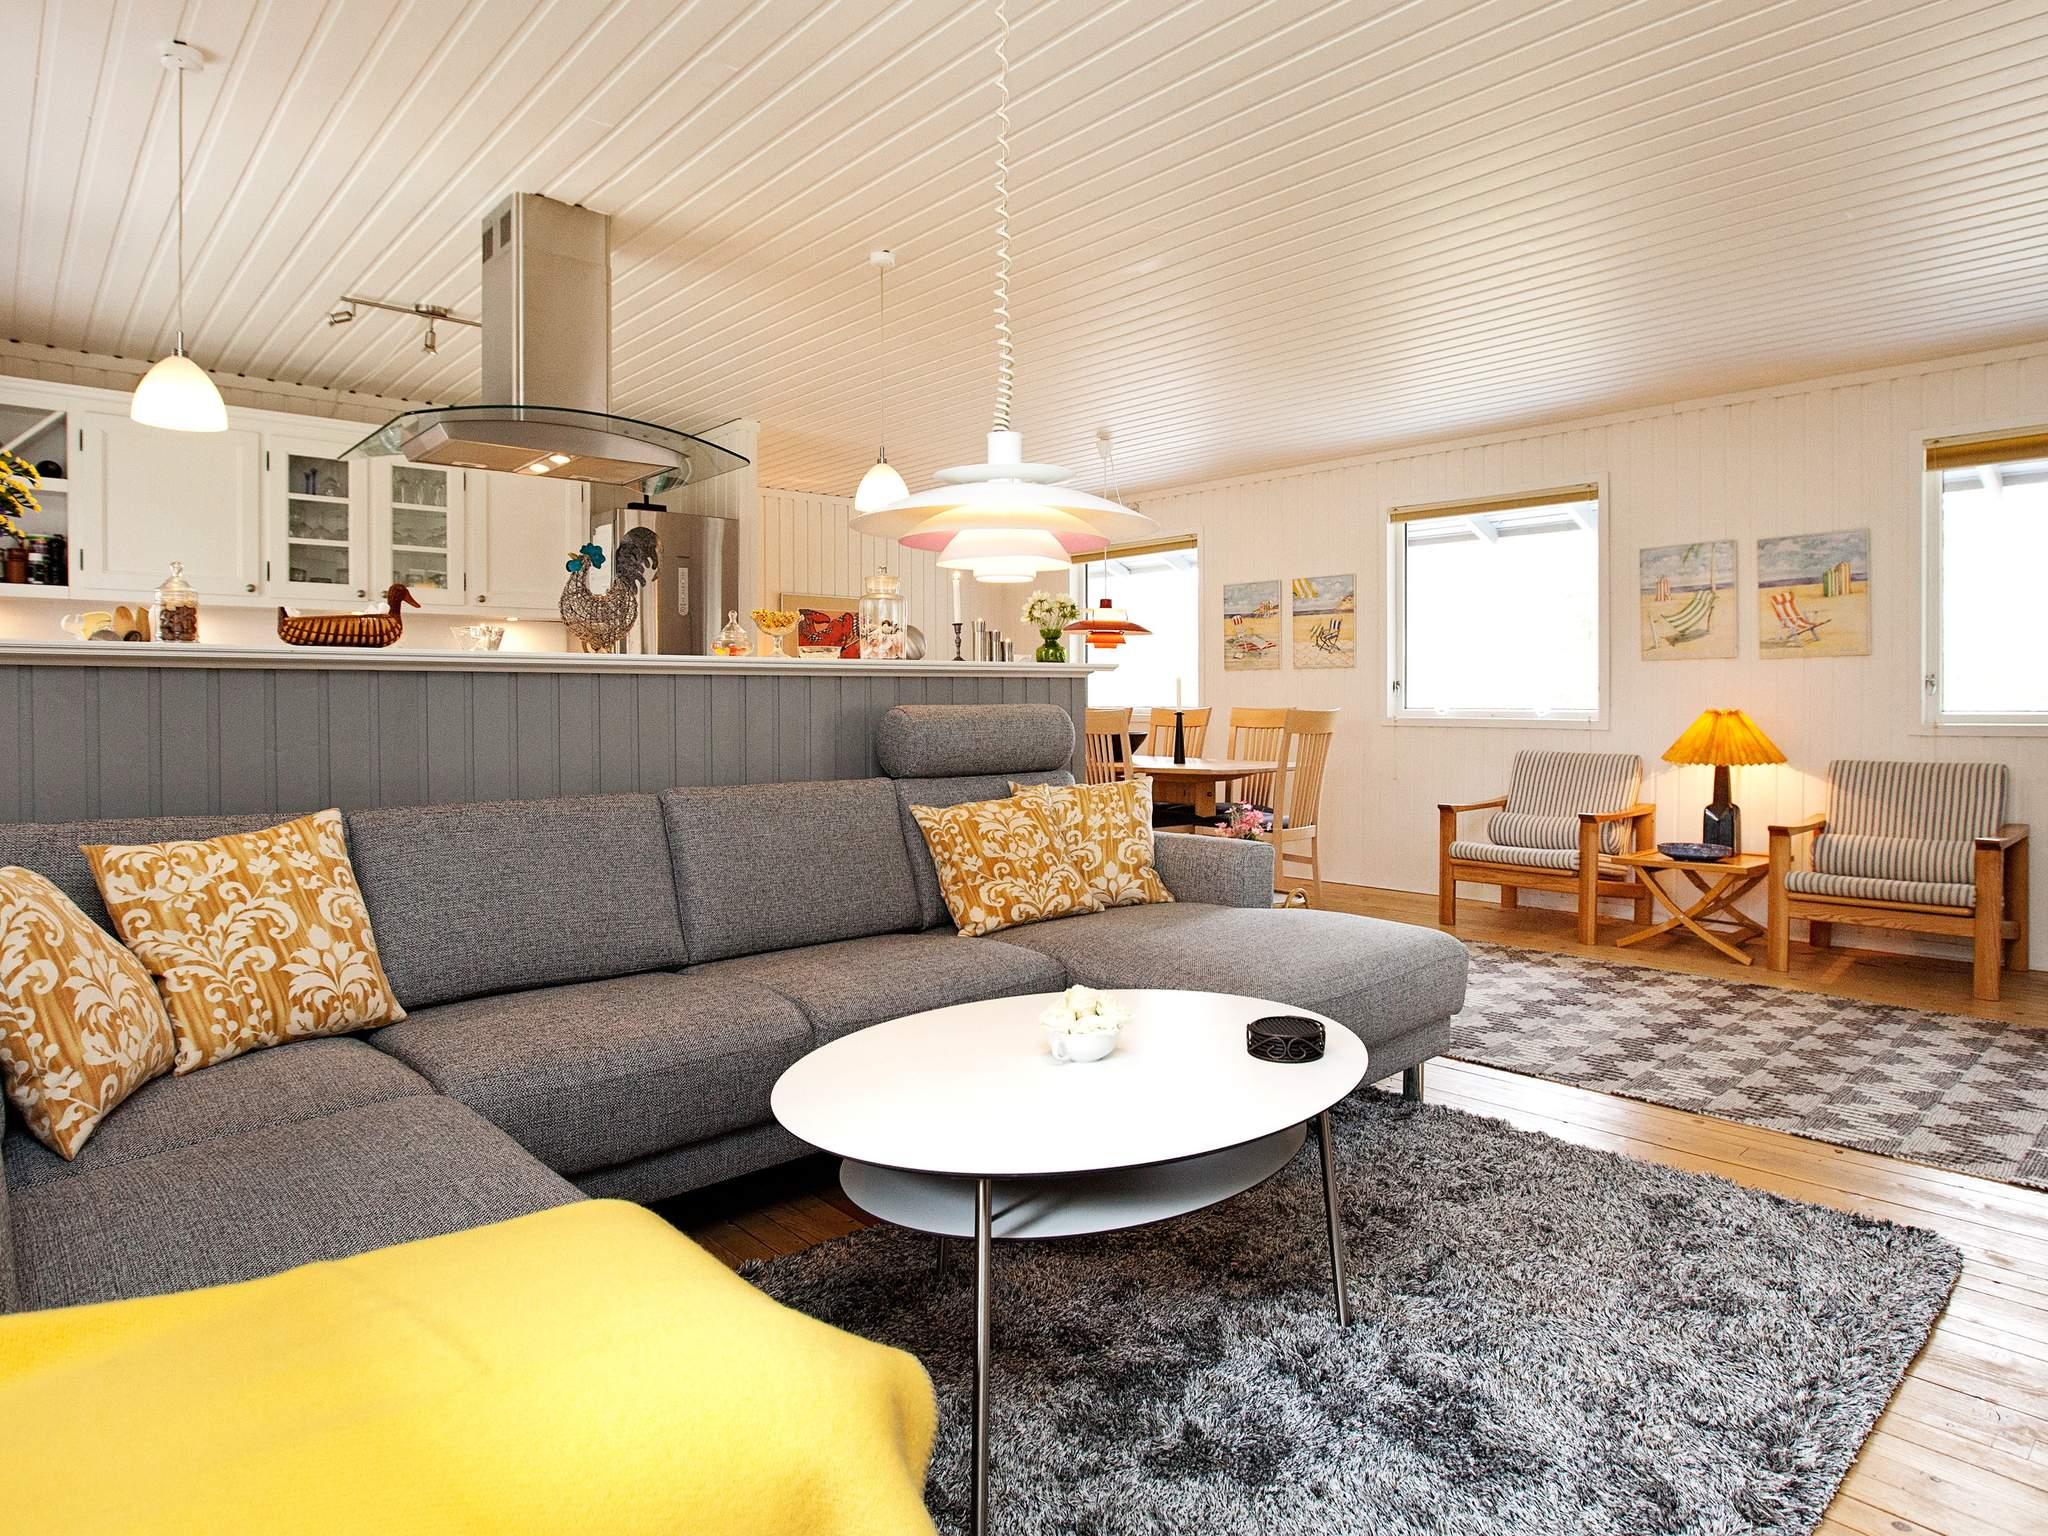 Ferienhaus Udsholt Strand (87426), Udsholt, , Nordseeland, Dänemark, Bild 3